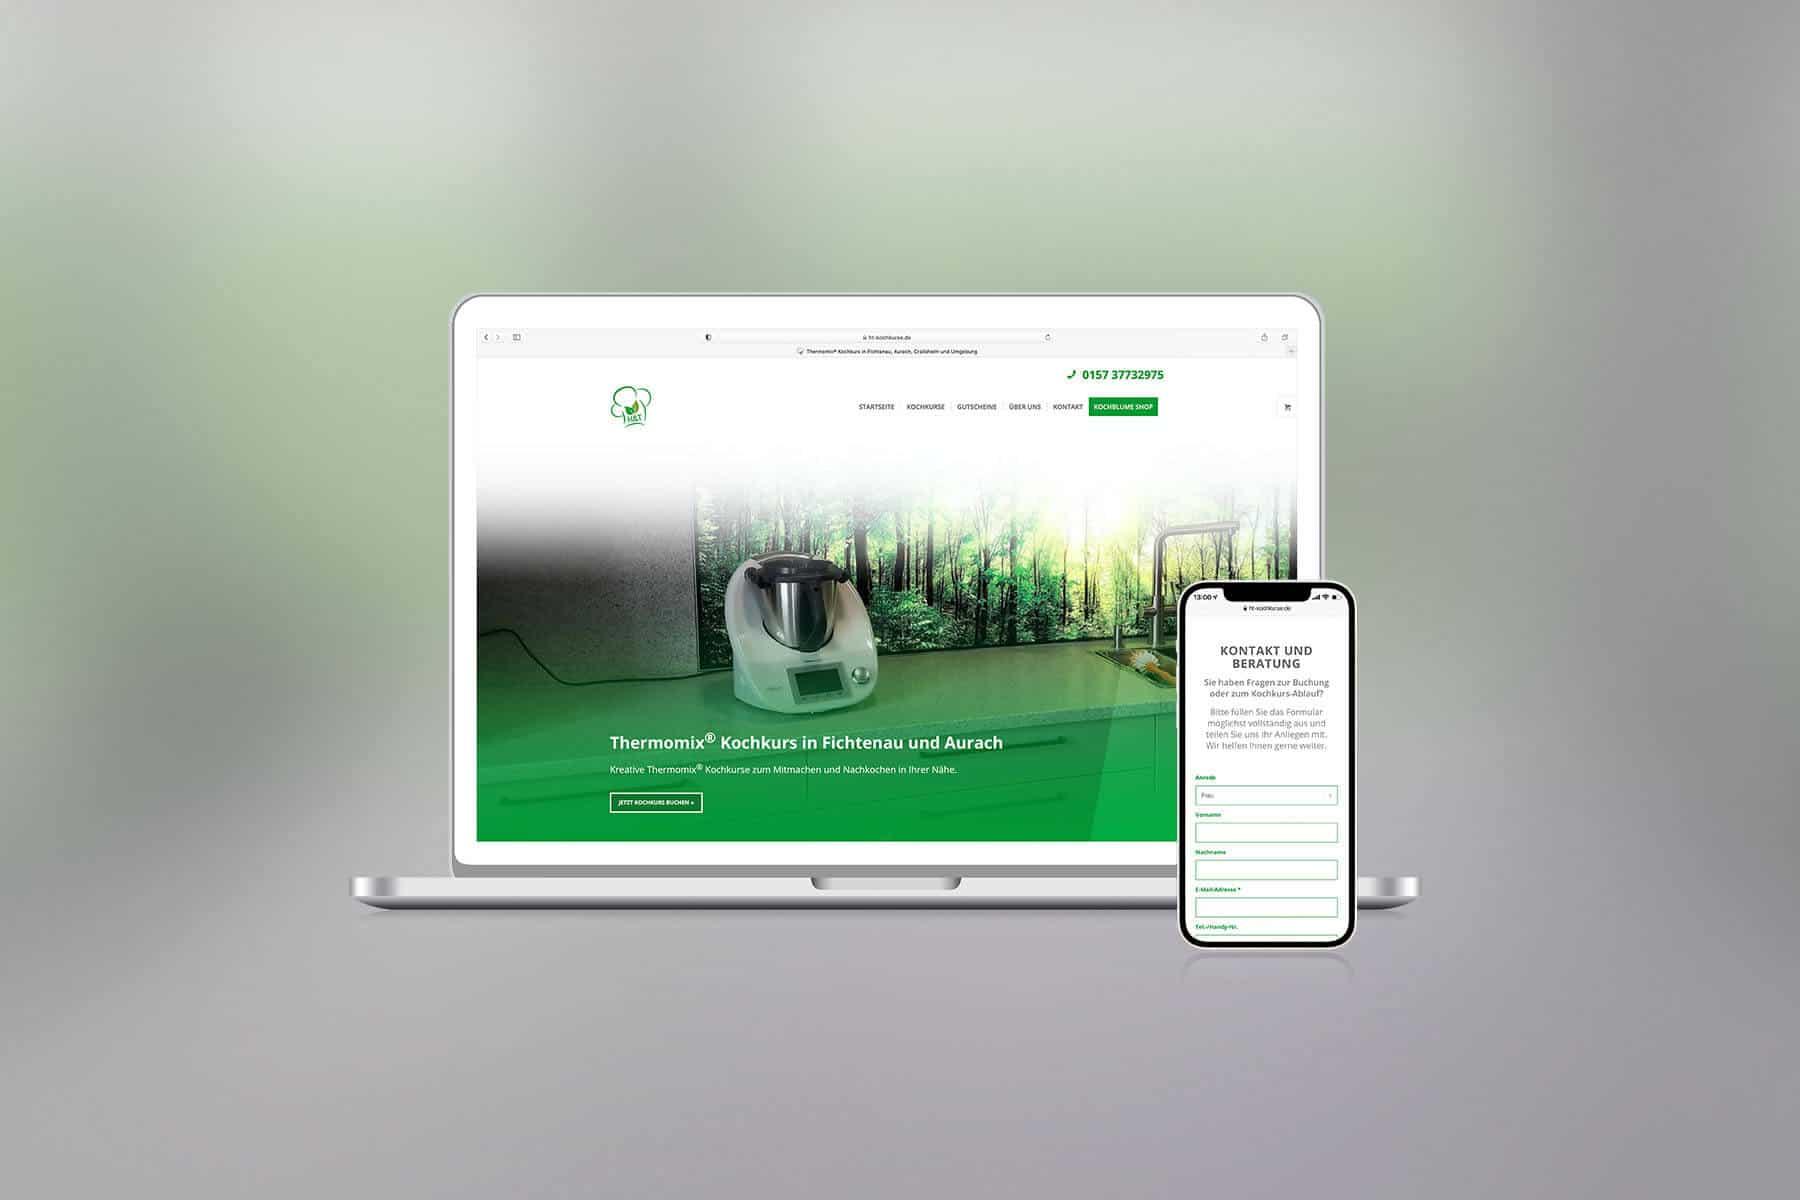 Agentur-Referenzen: Webdesign und WordPress Website mit SEO für Live-Kurse vor Ort